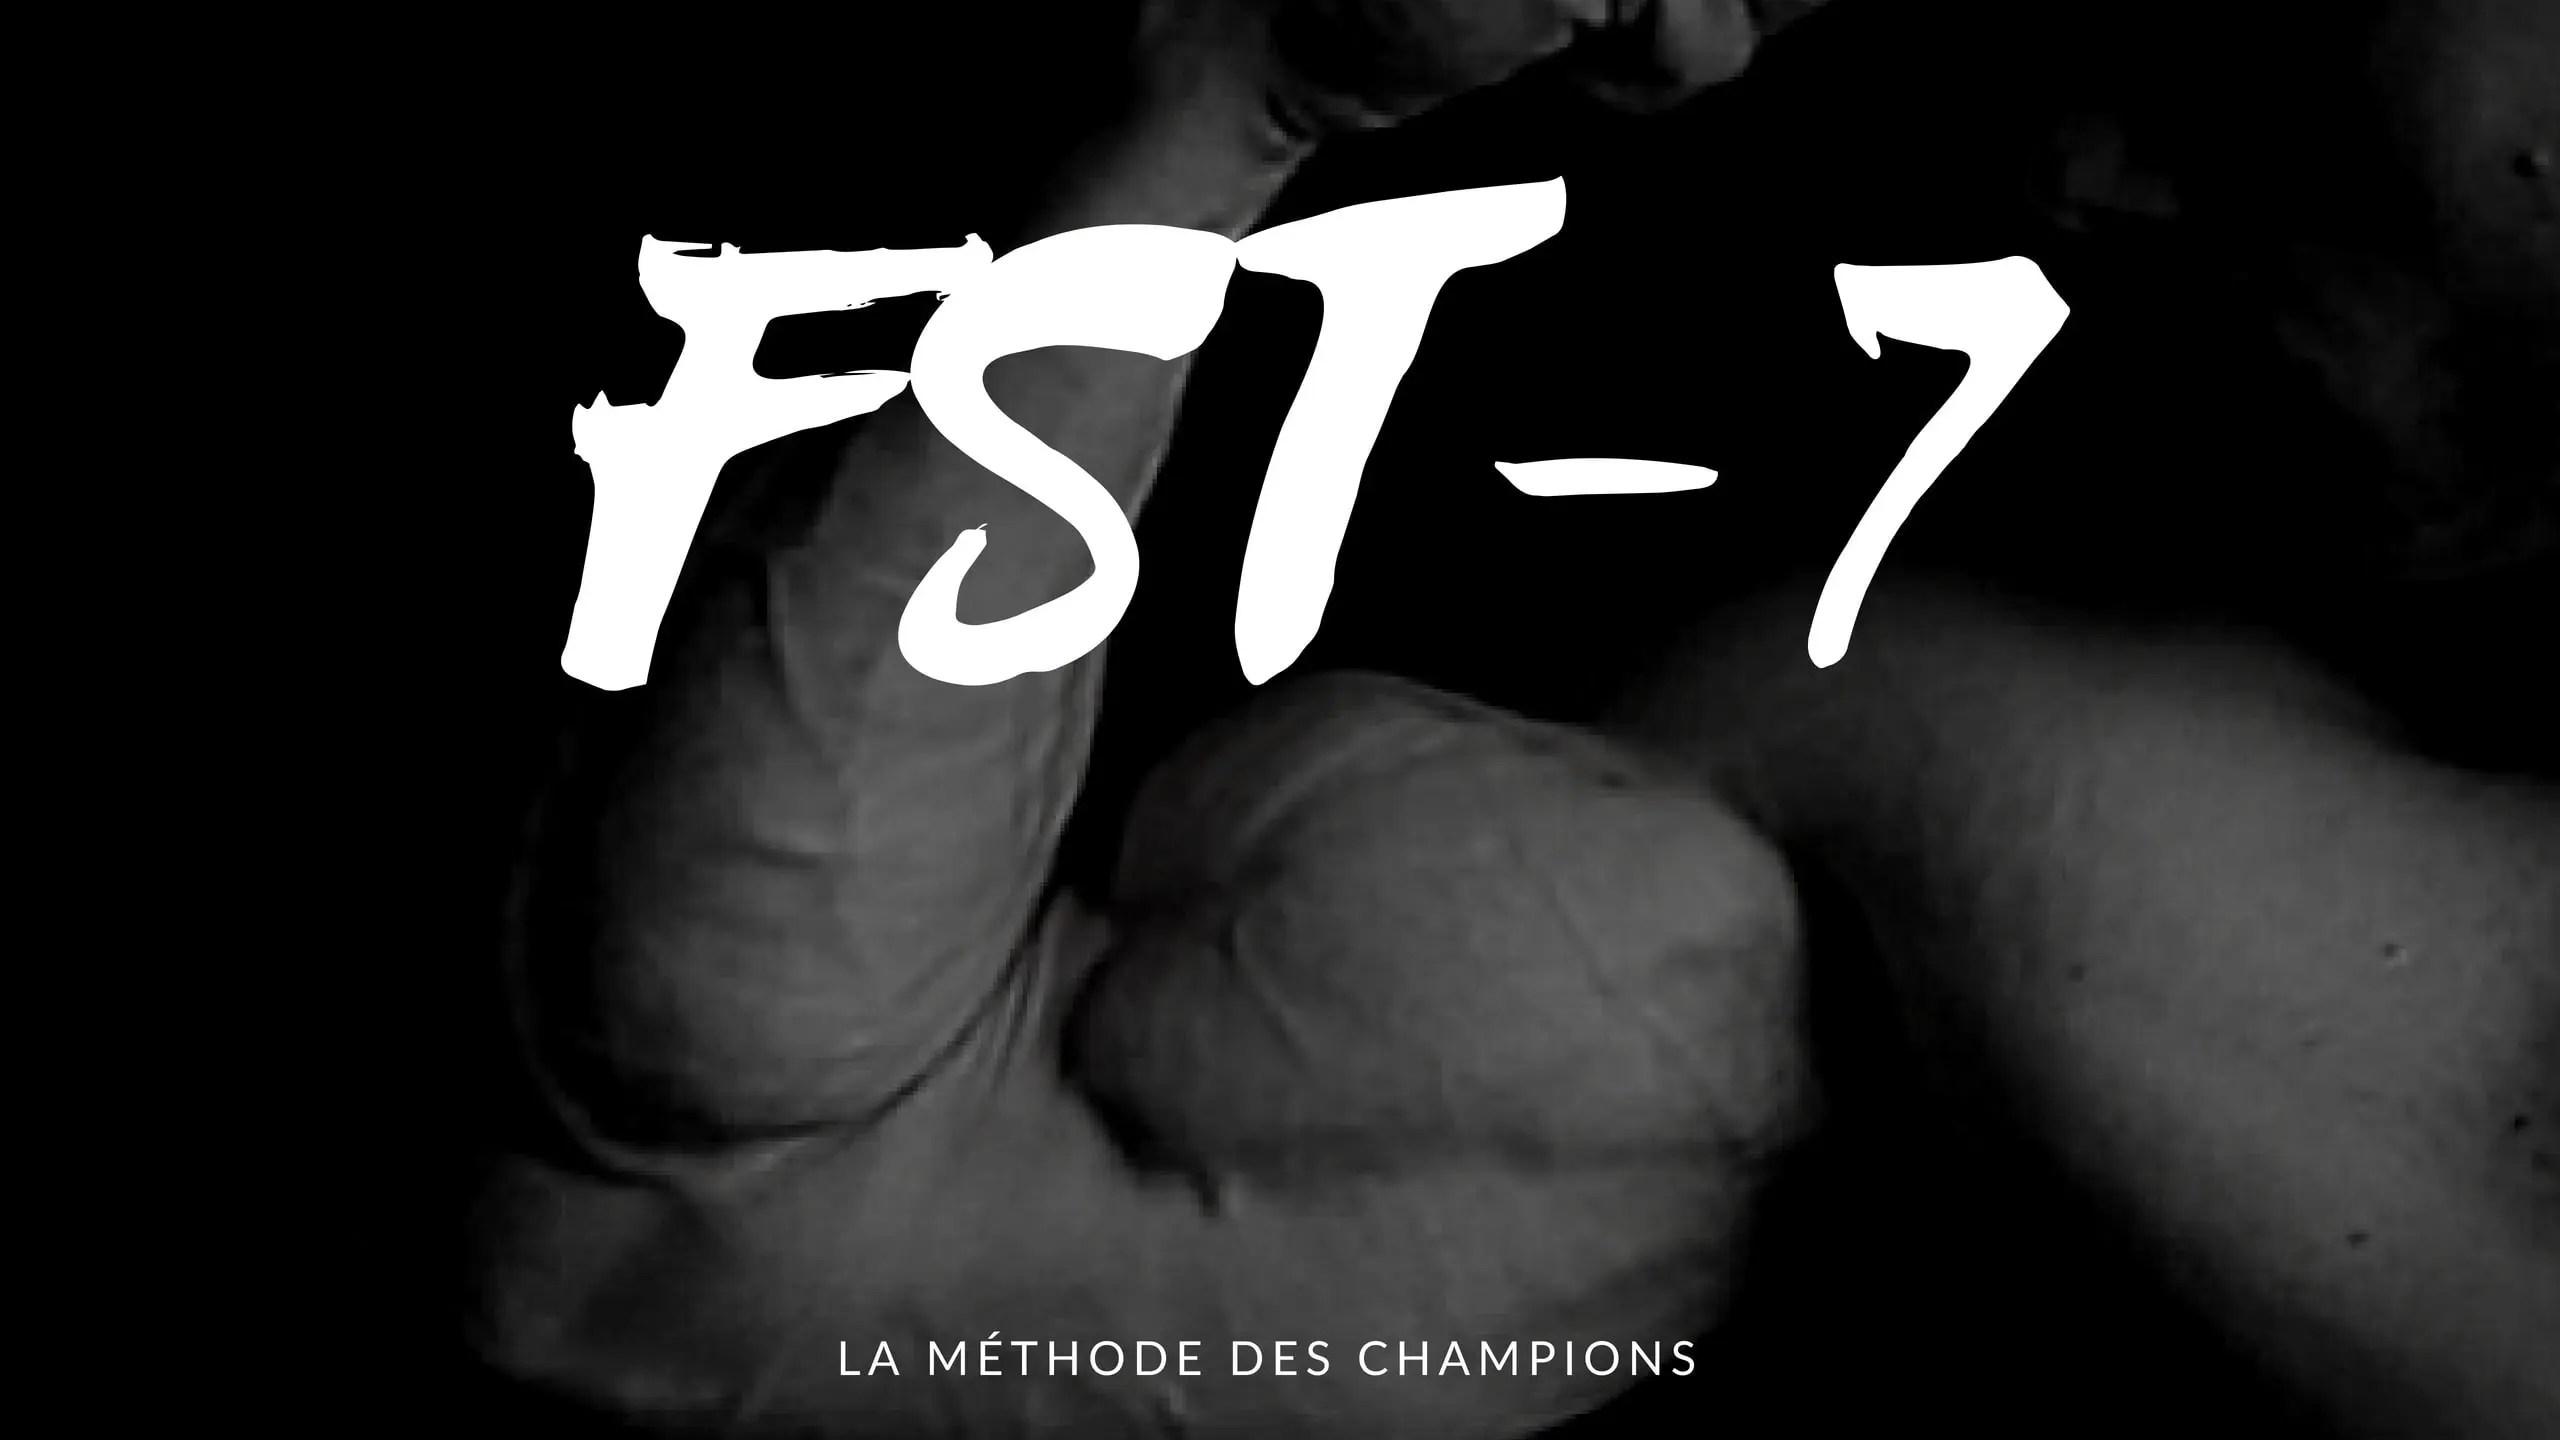 5 exemples détaillés pour pratiquer le programme de musculation FST-7